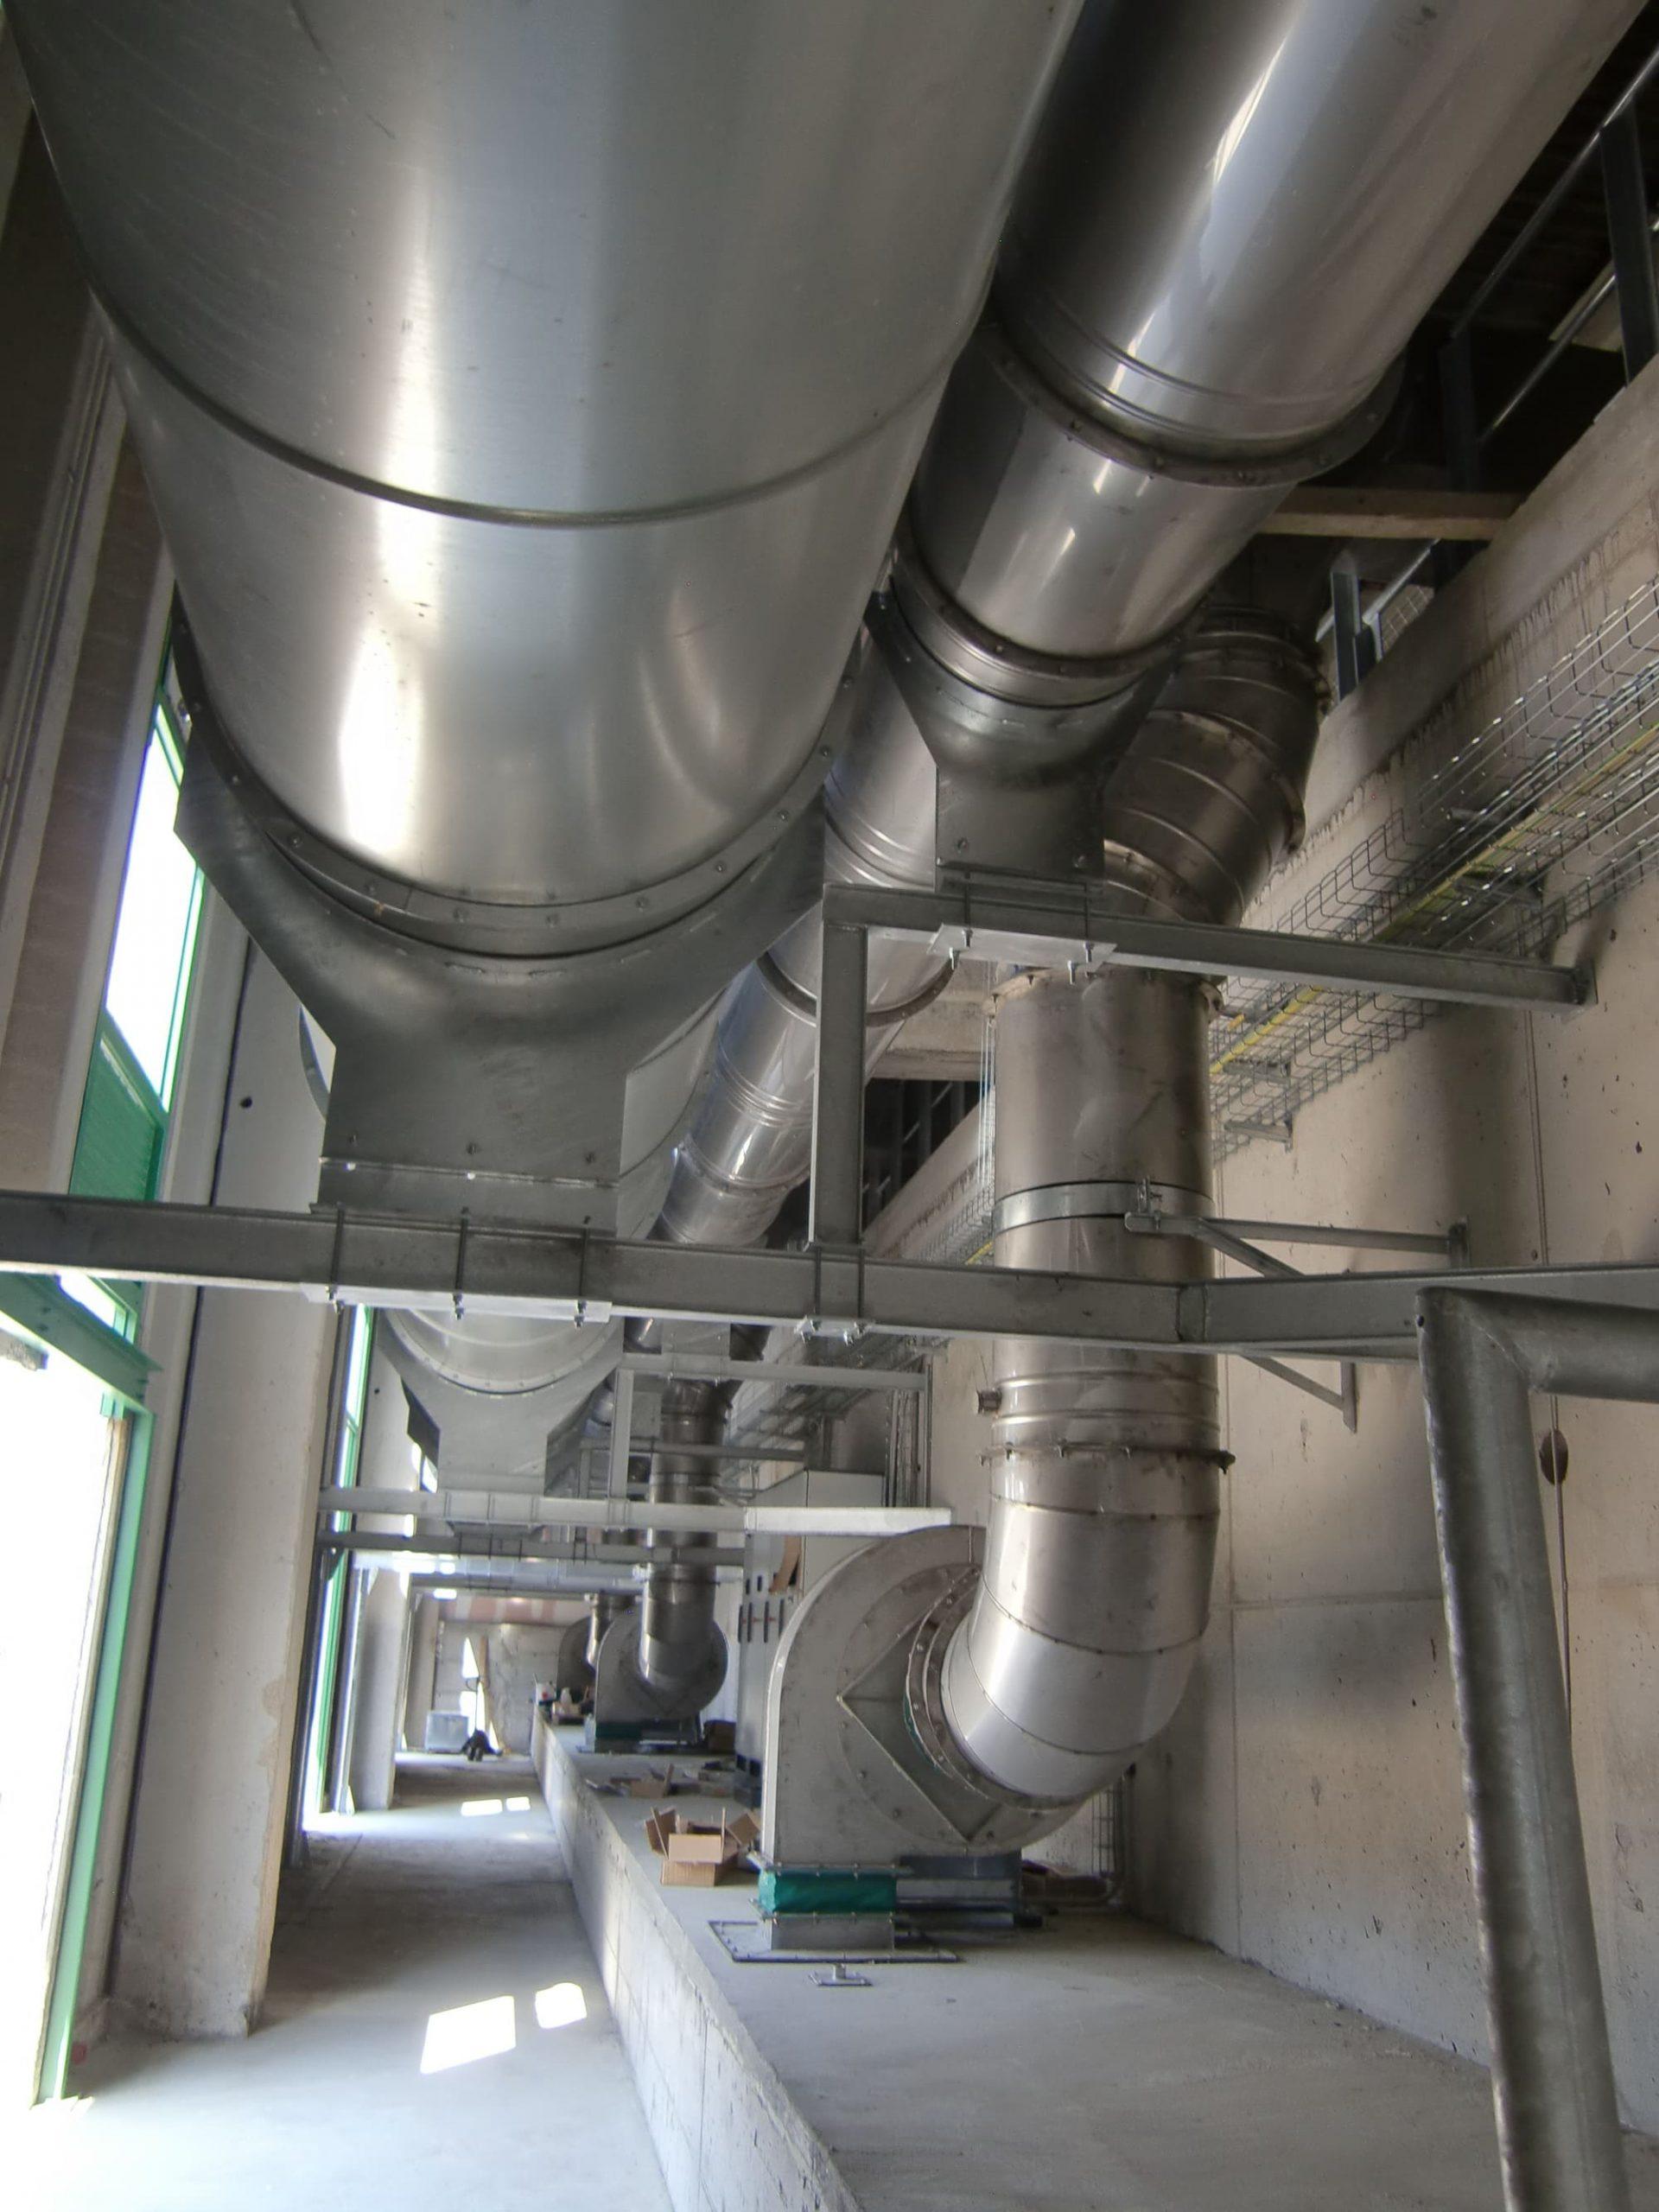 dettaglio-linea-tubazione